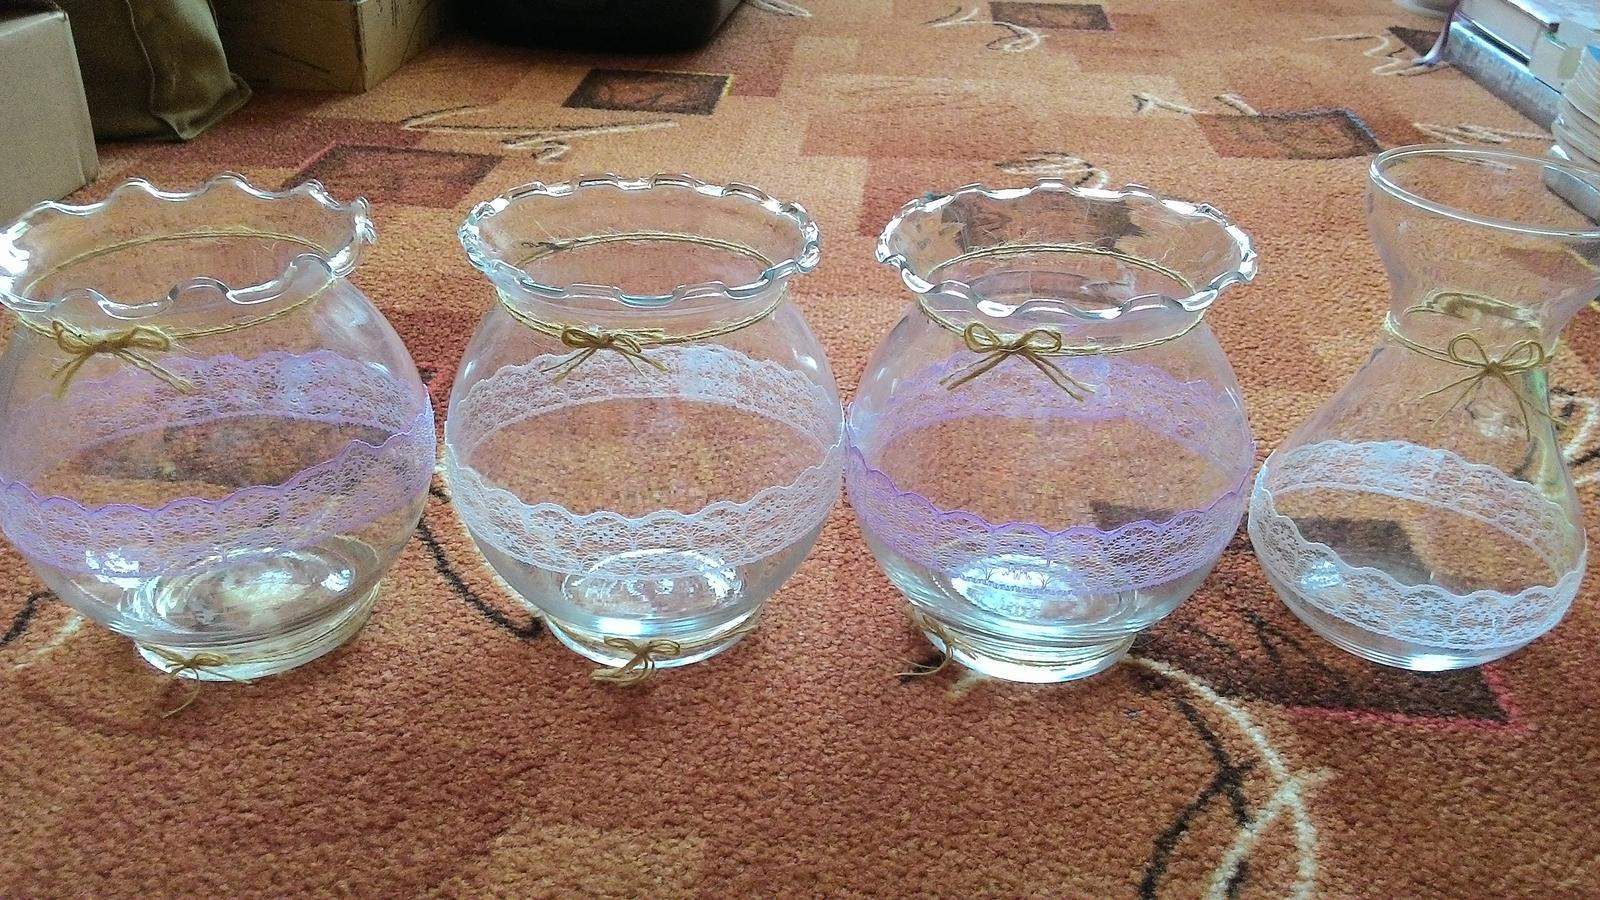 Skleněné vázy - Obrázek č. 1